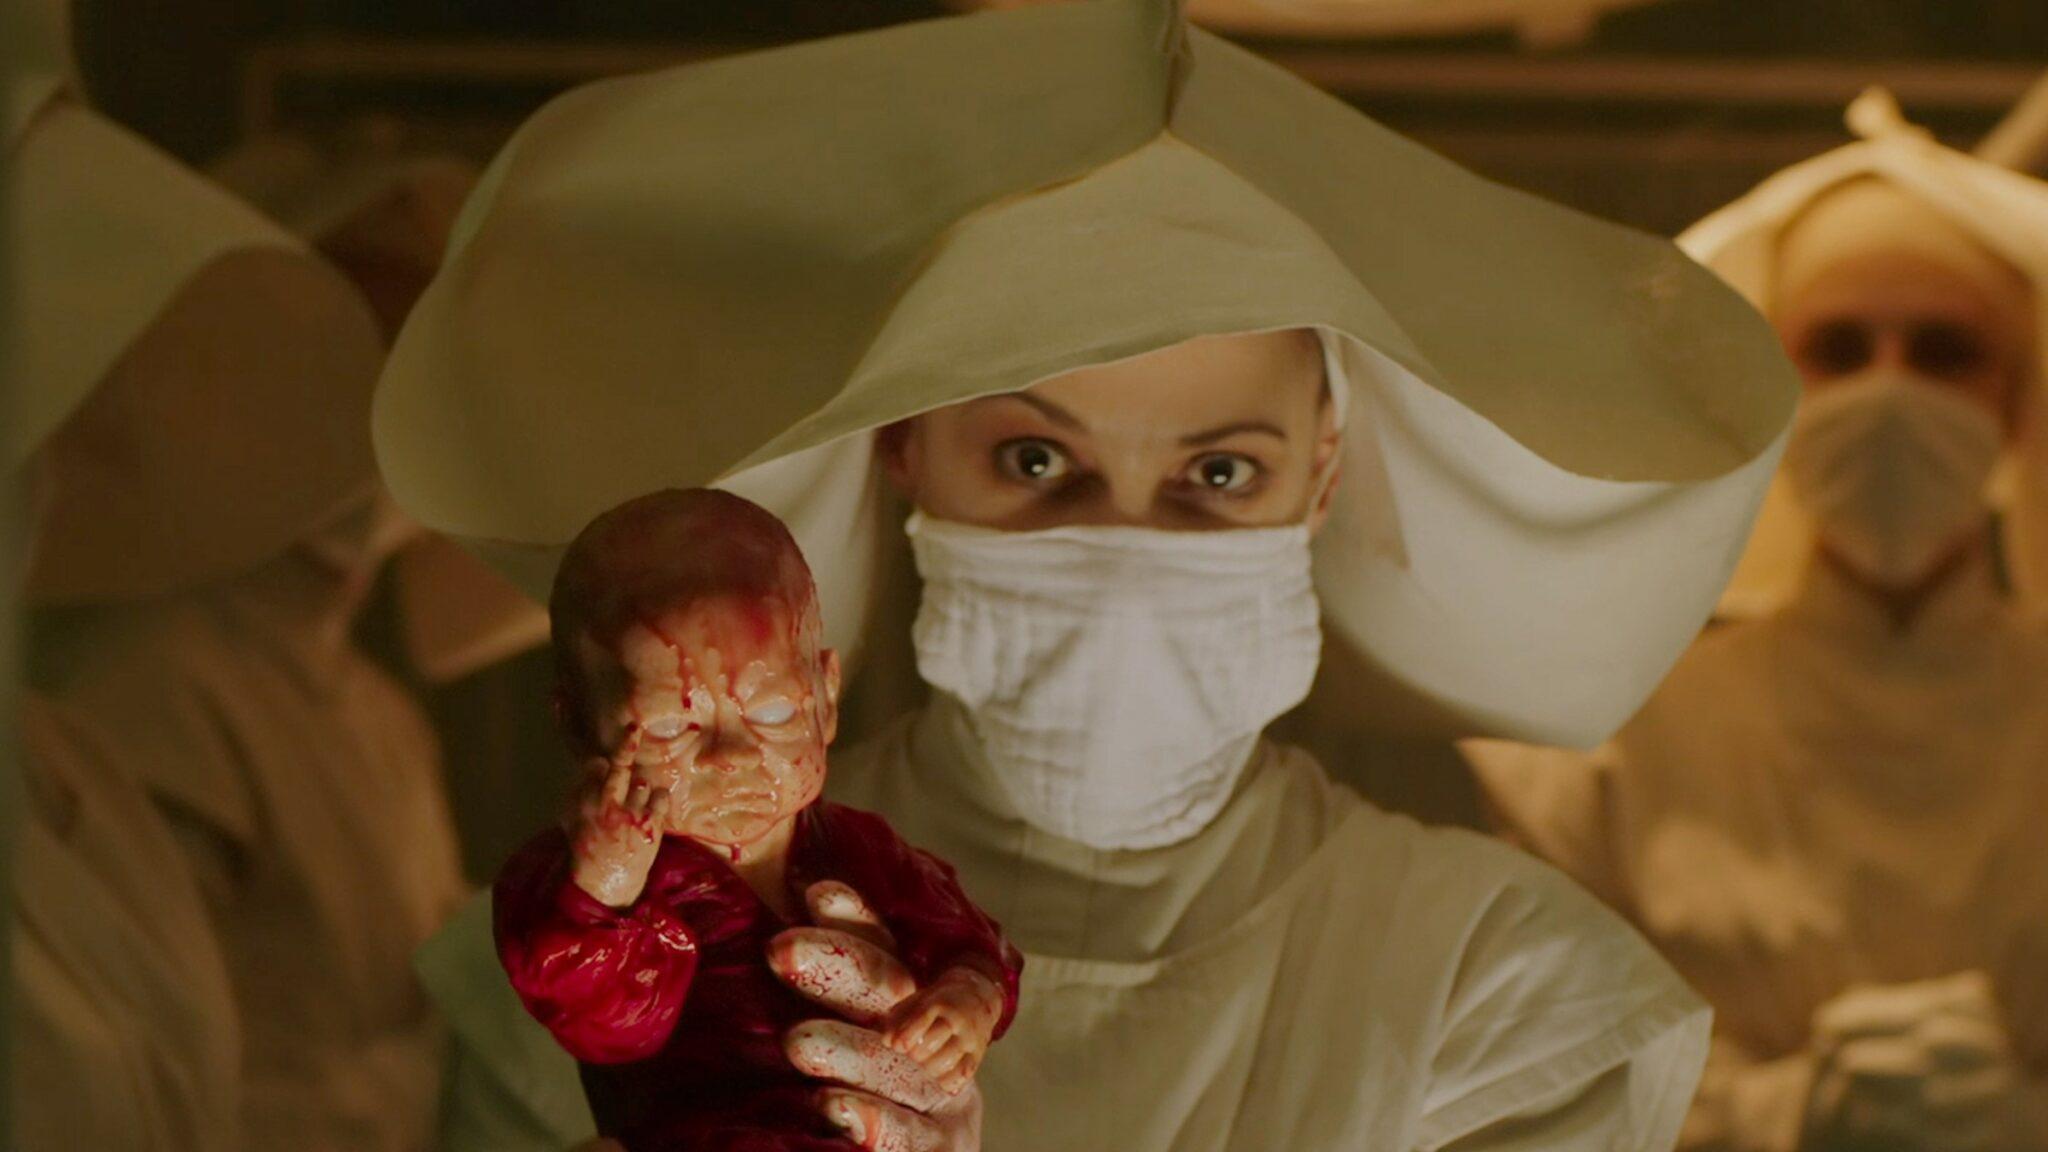 Eine Frau in weißem Gewand mit weißer Haube und Mundschutz hält eine Puppe voller Blut in ihren Händen.